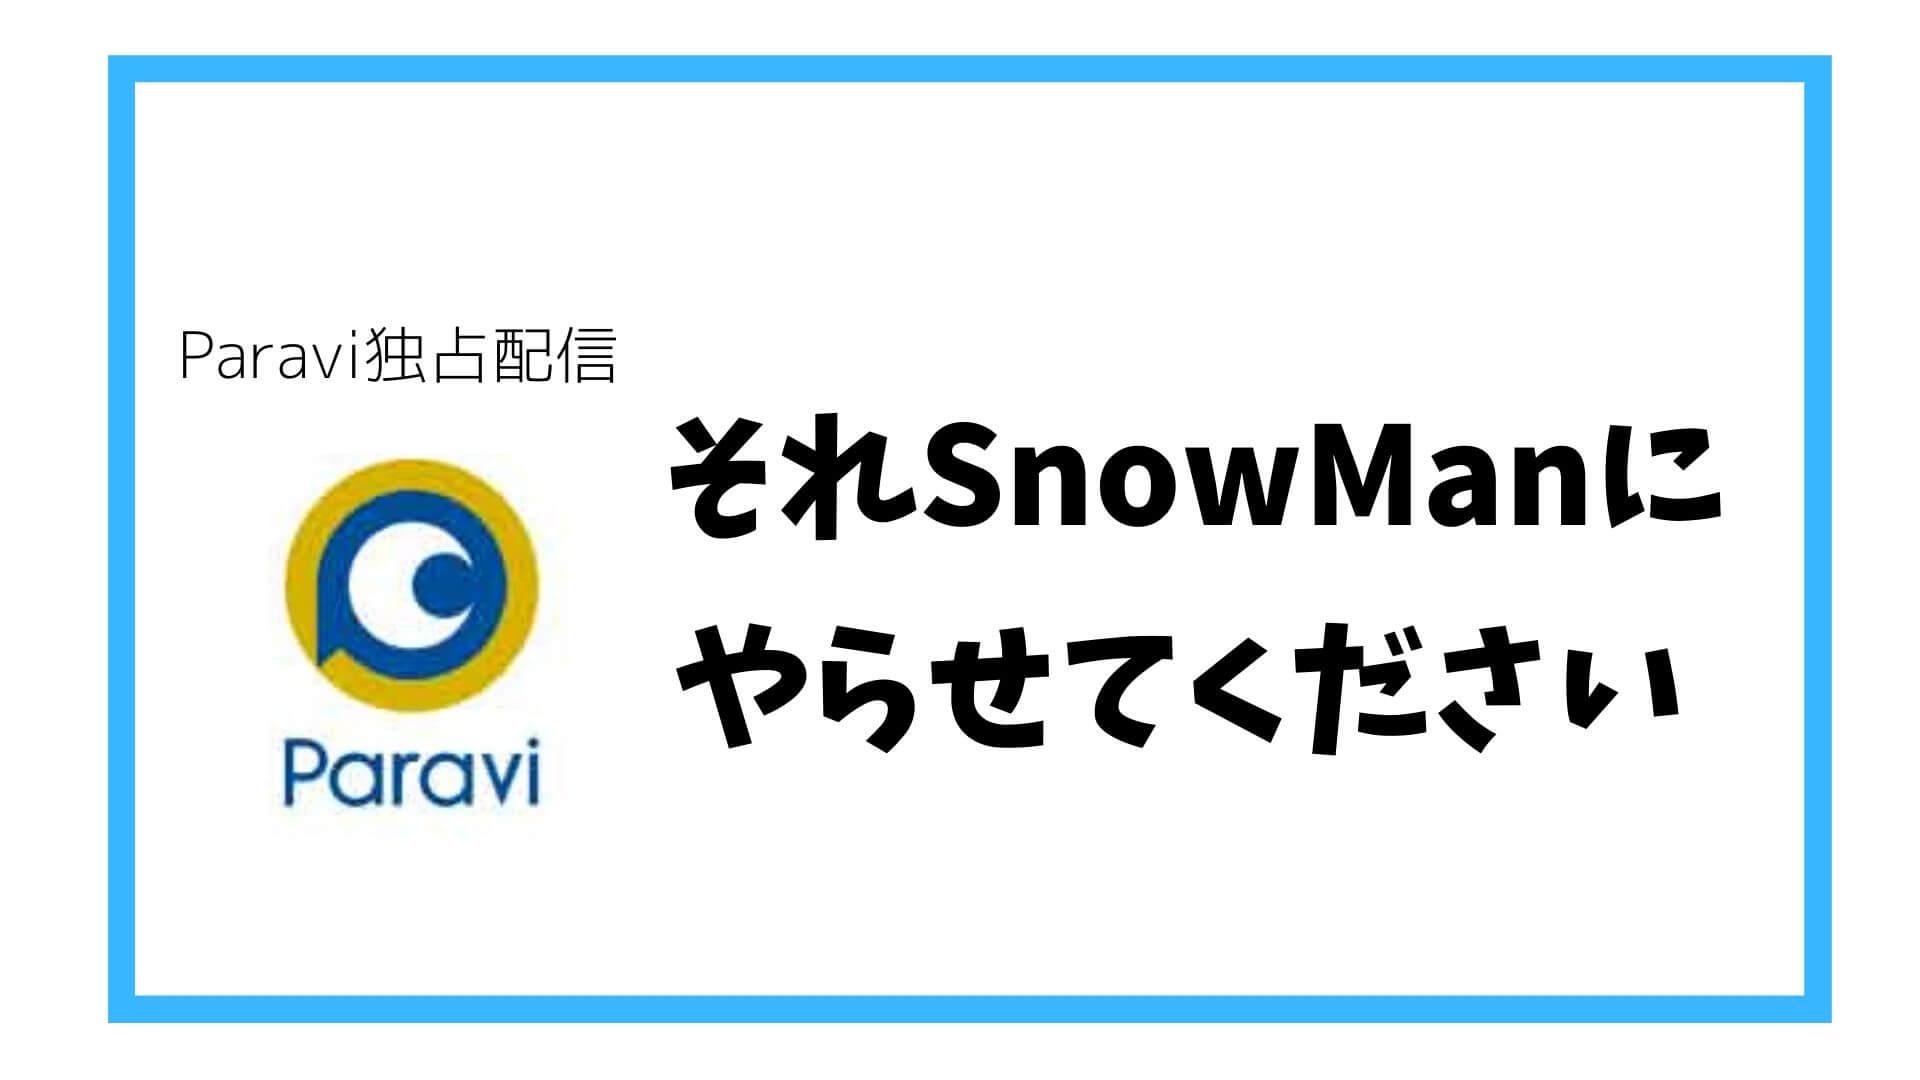 Snowman に やらせ 下さい 地域 て それ 放送